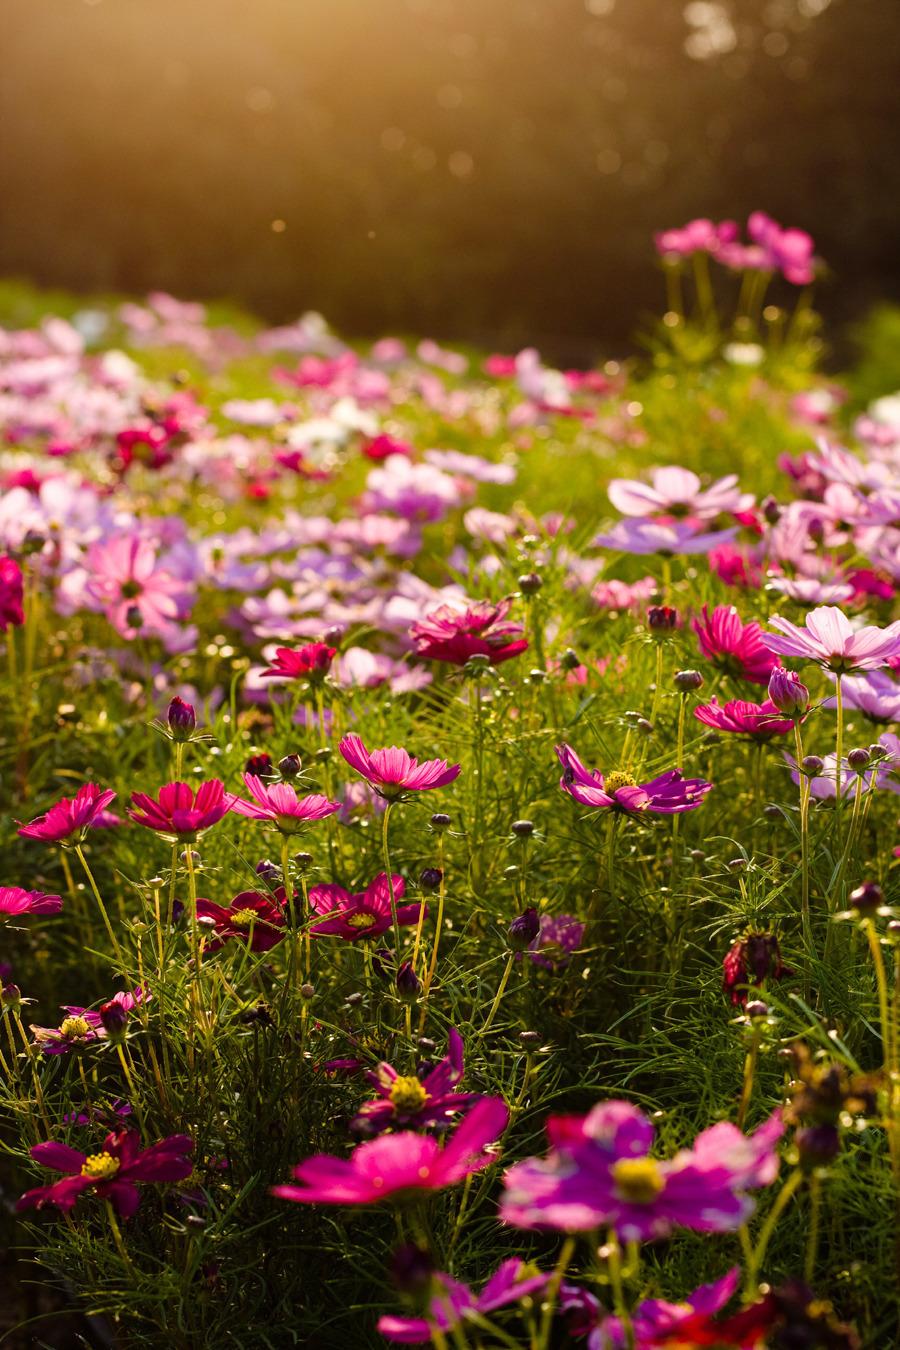 22452 скачать обои Растения, Цветы - заставки и картинки бесплатно